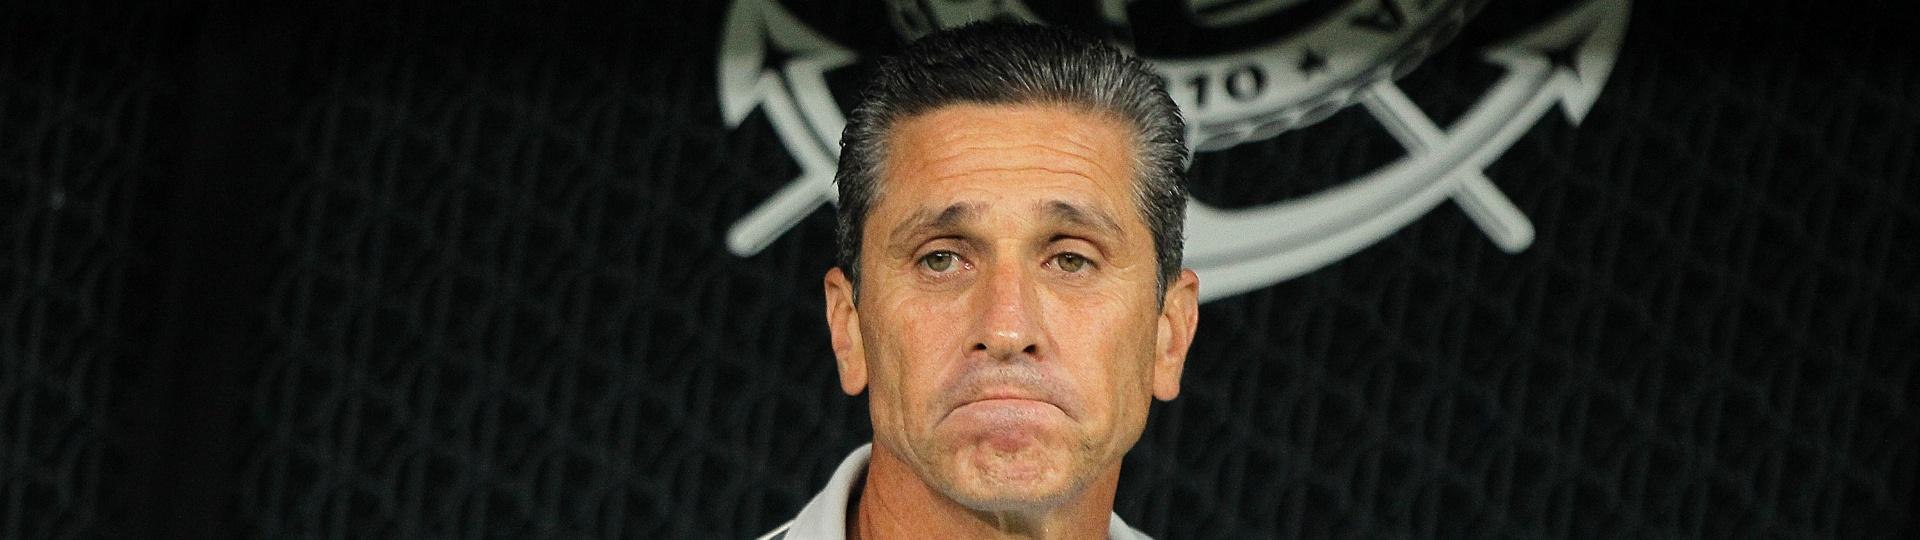 Jorginho, técnico do Bahia, no banco da Arena Corinthians